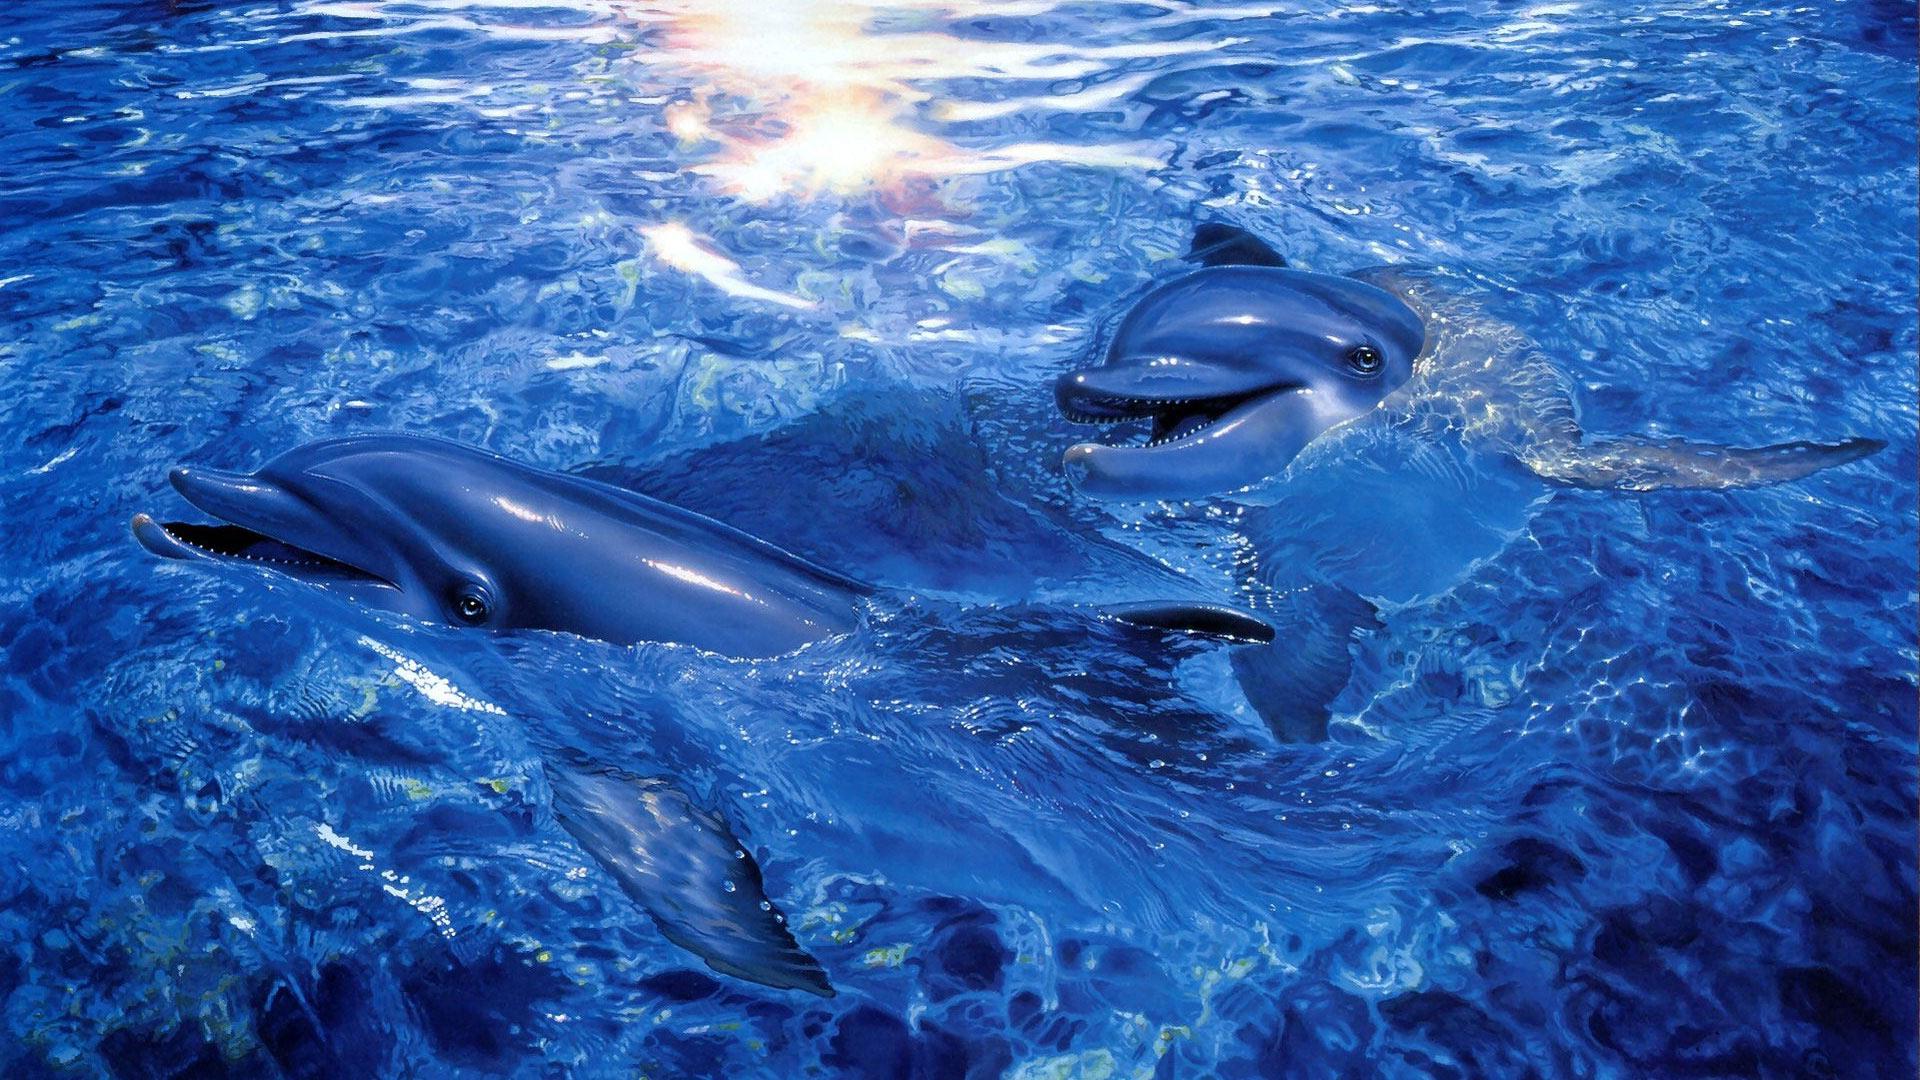 Бесплатно скачать картинки с дельфинами 8